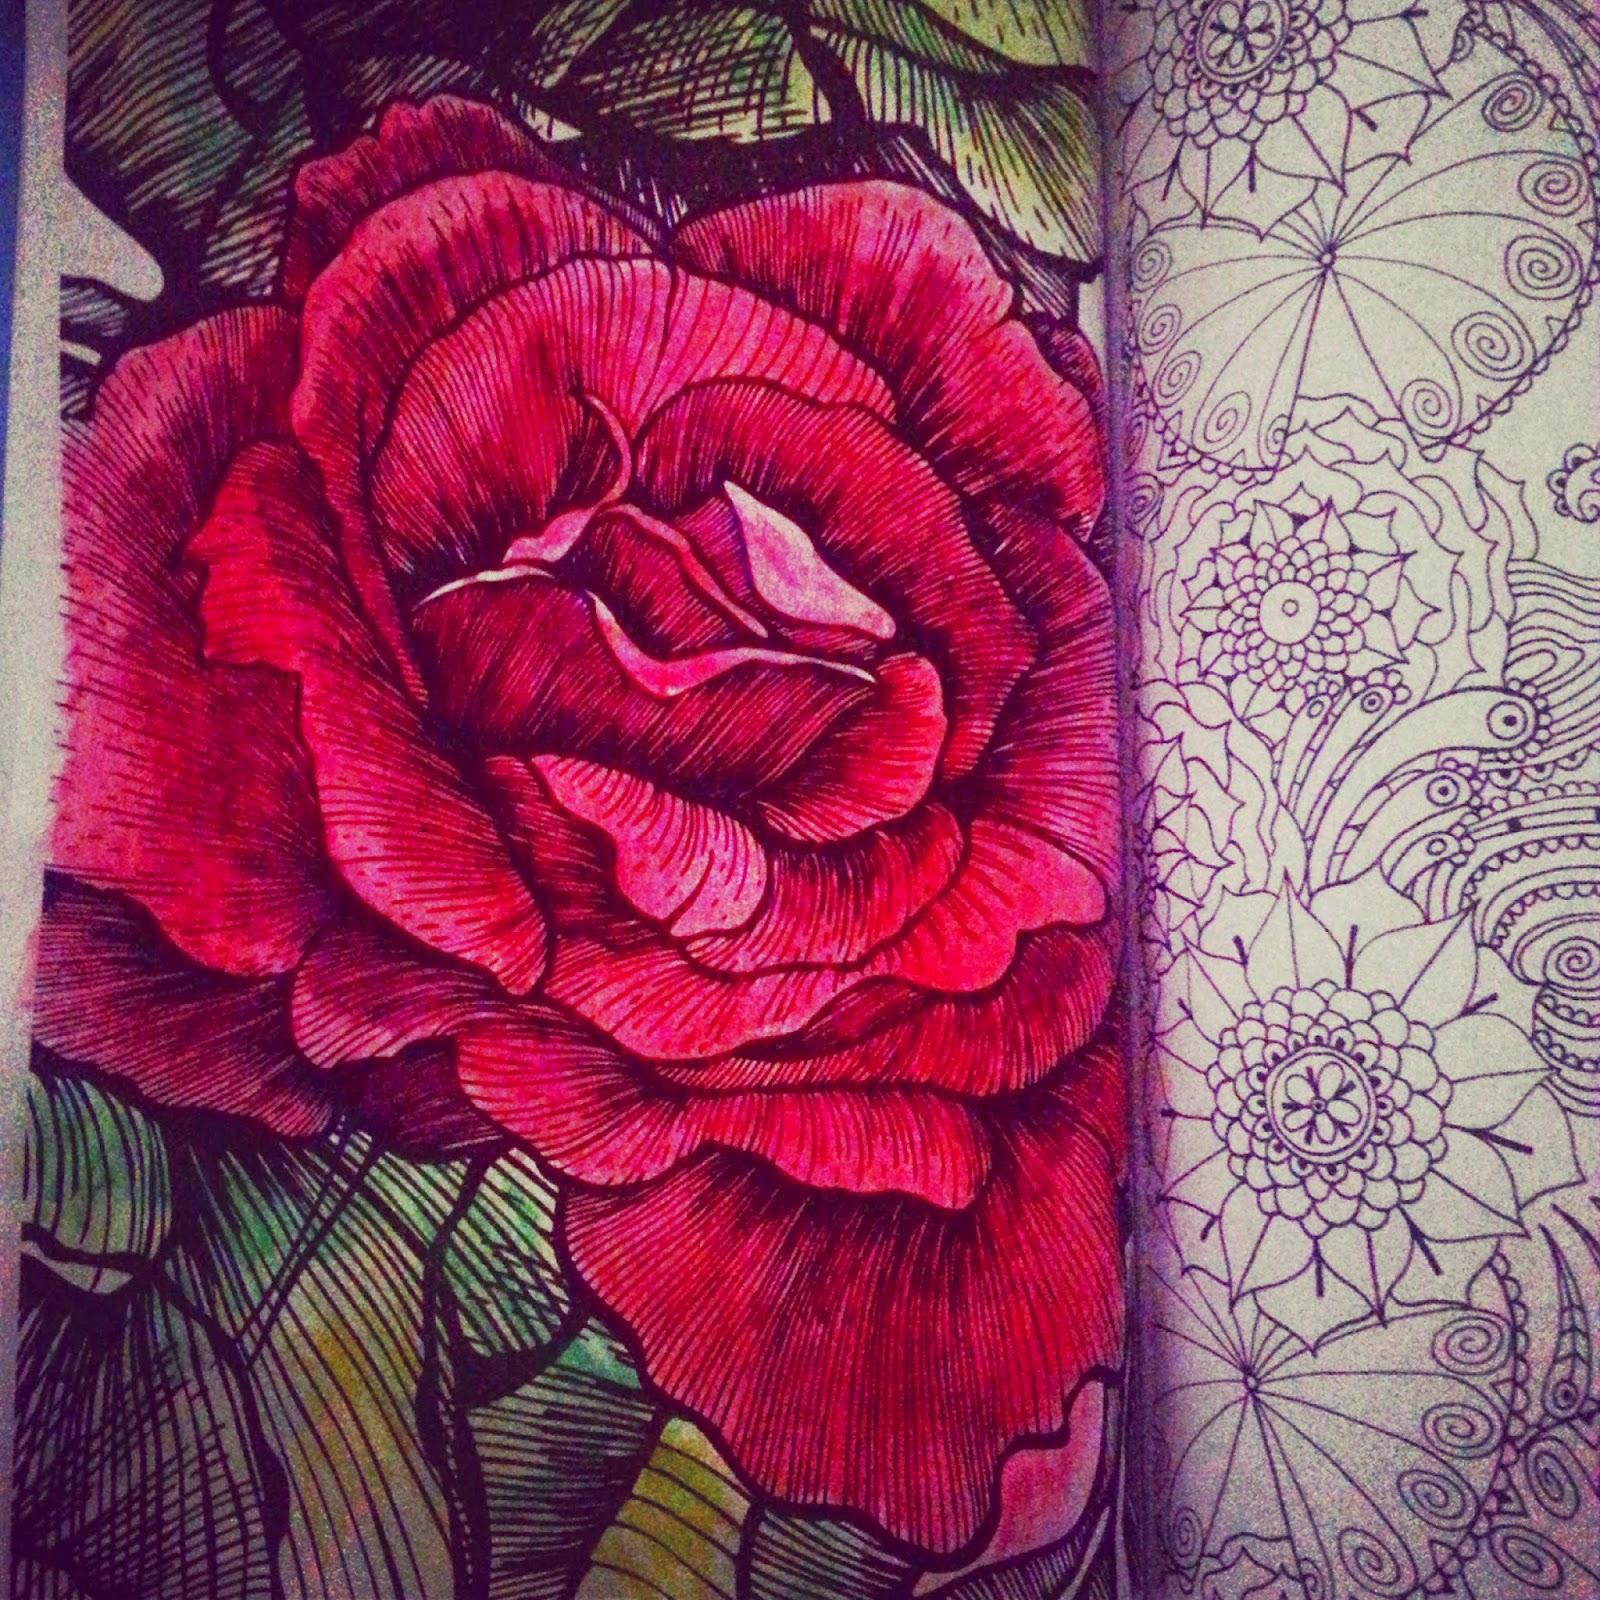 Imagenes De Rosas Rojas Para Colorear